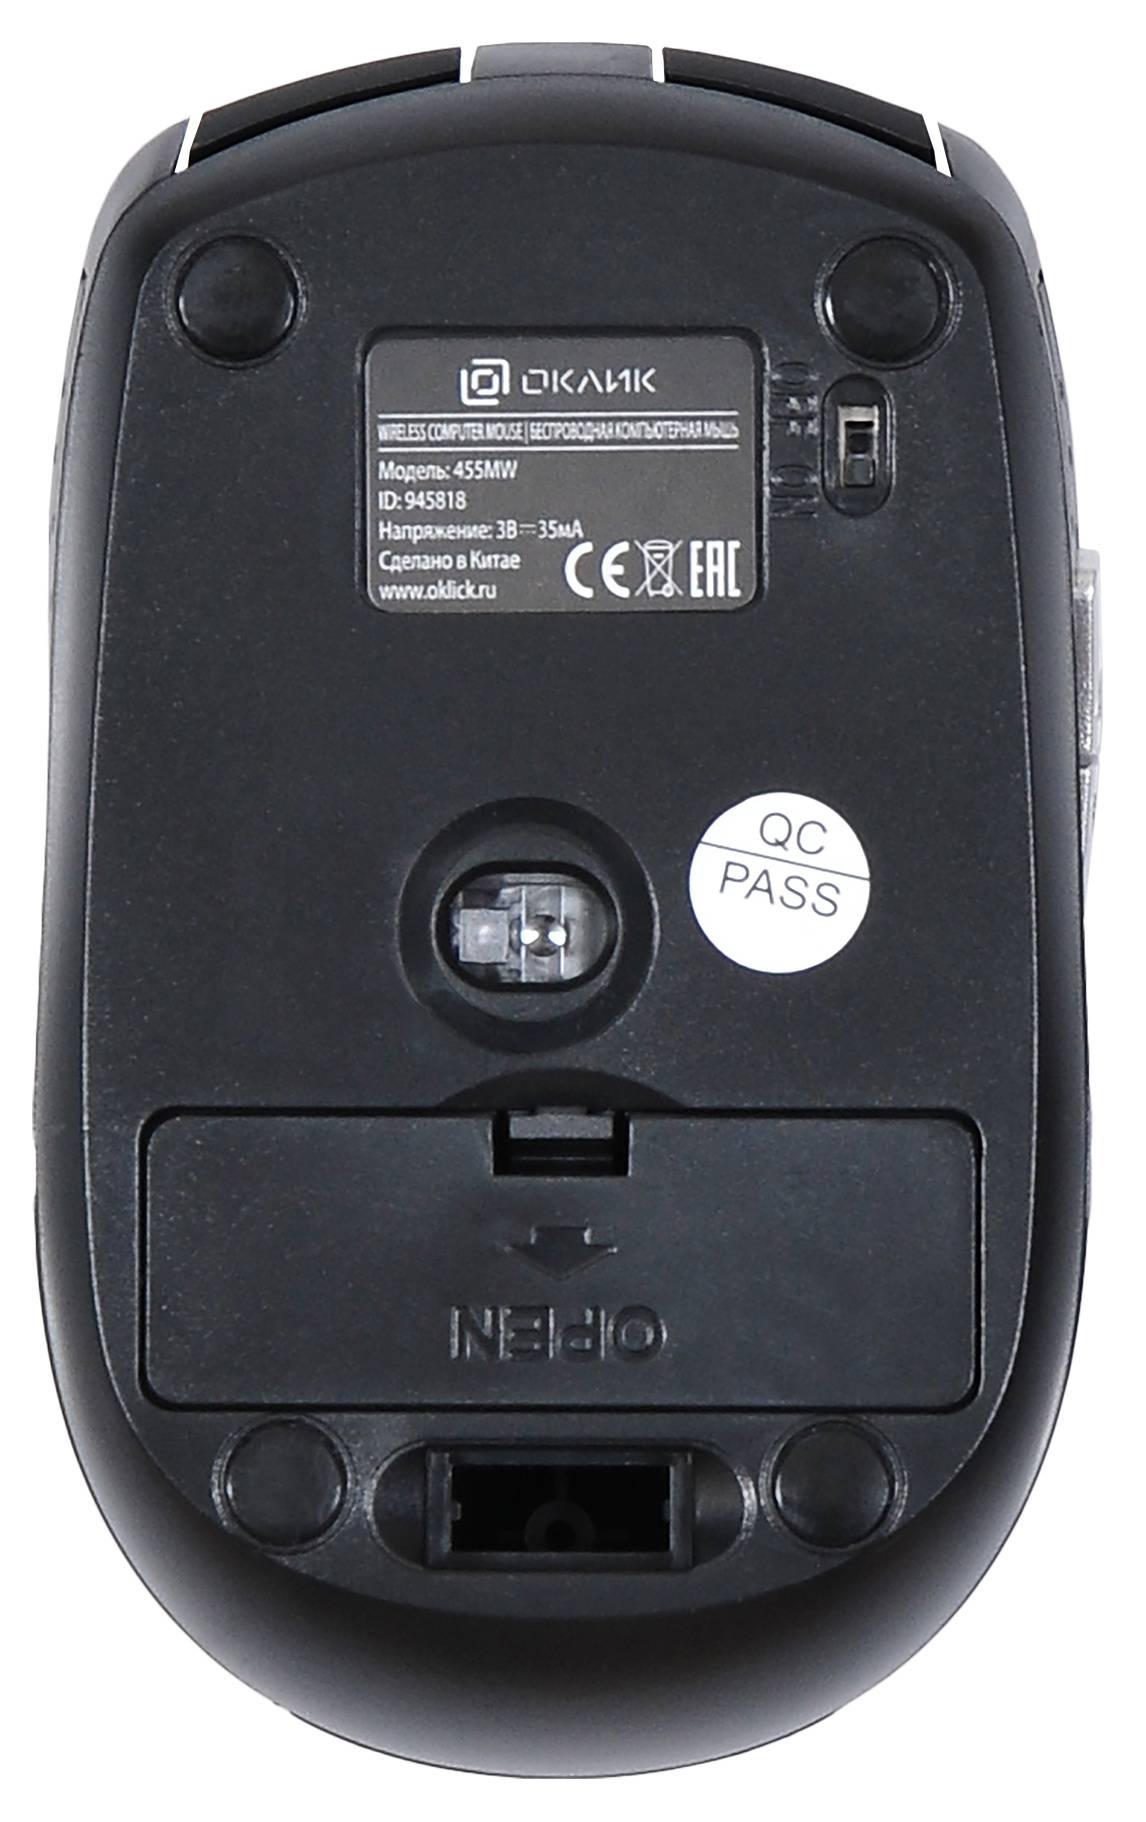 Мышь Oklick 455MW черный - фото 2